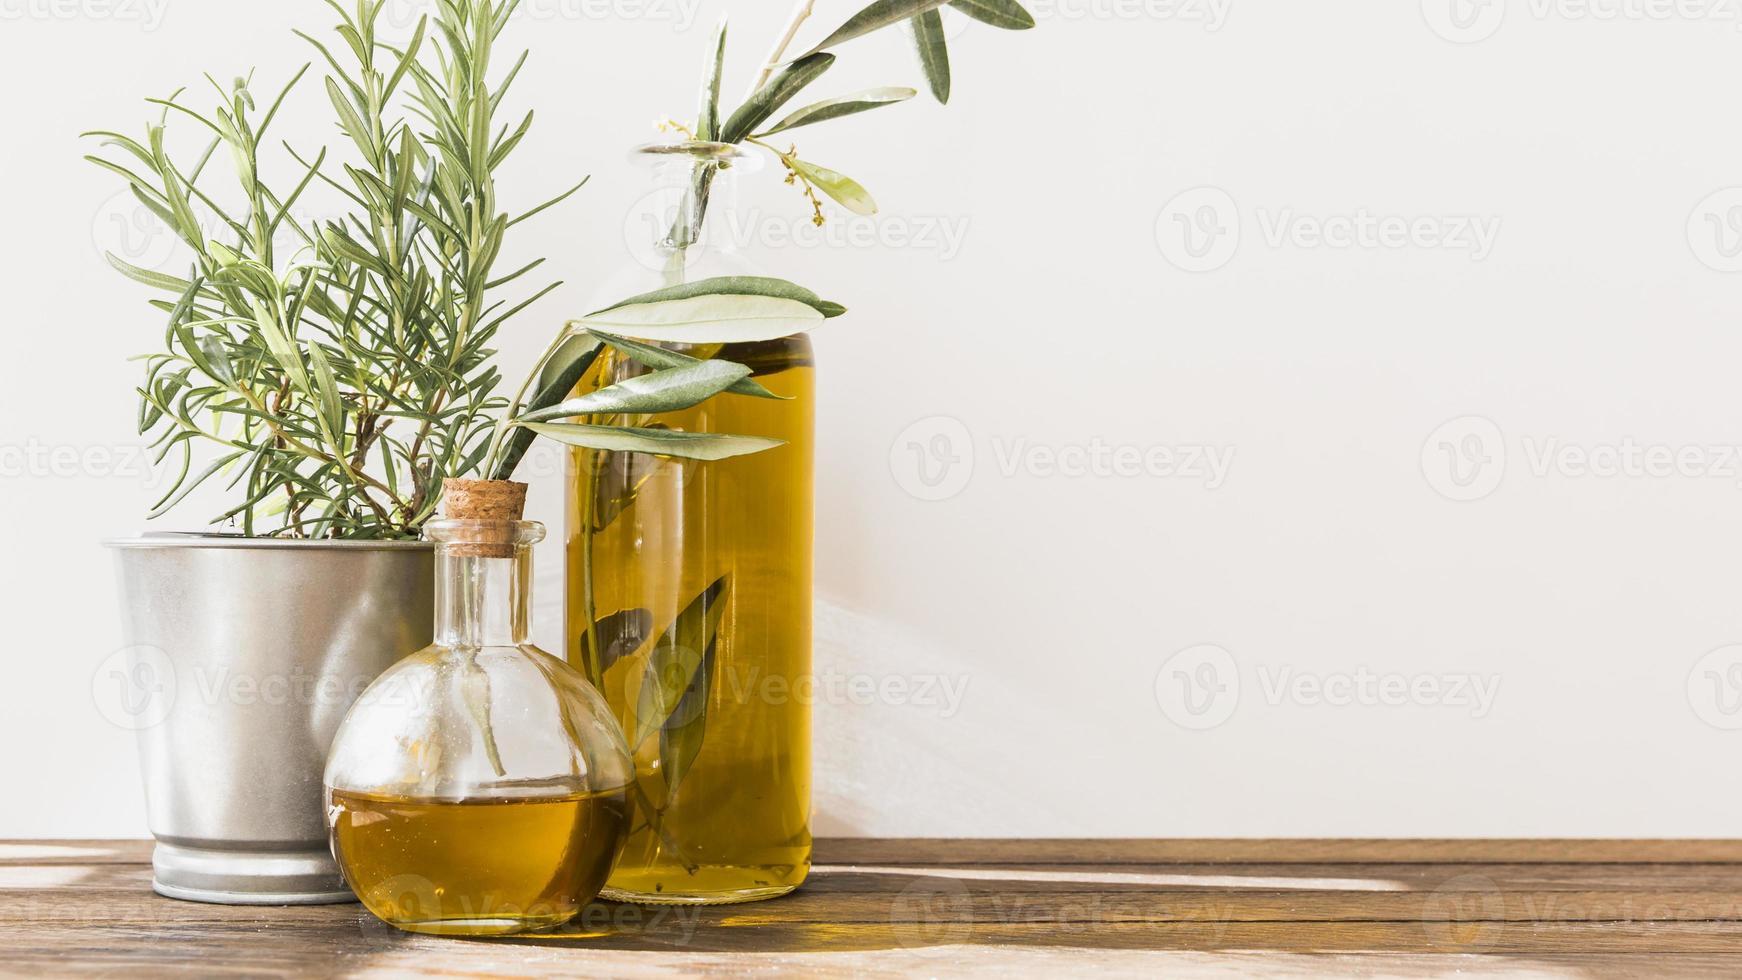 rosmarin med olivoljeflaskor på träbord foto